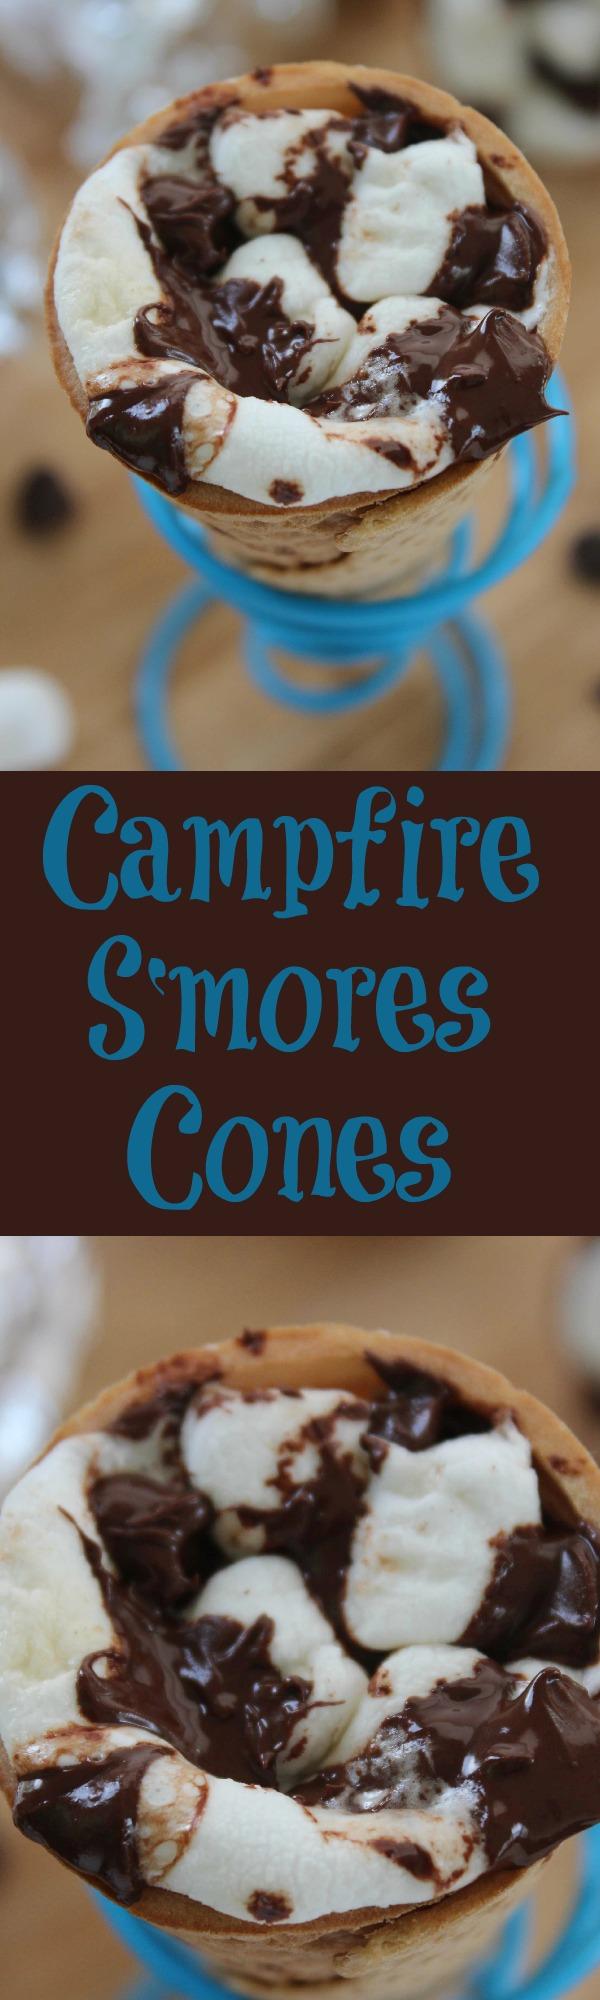 Campfire Smores Cones - Great twist on smores